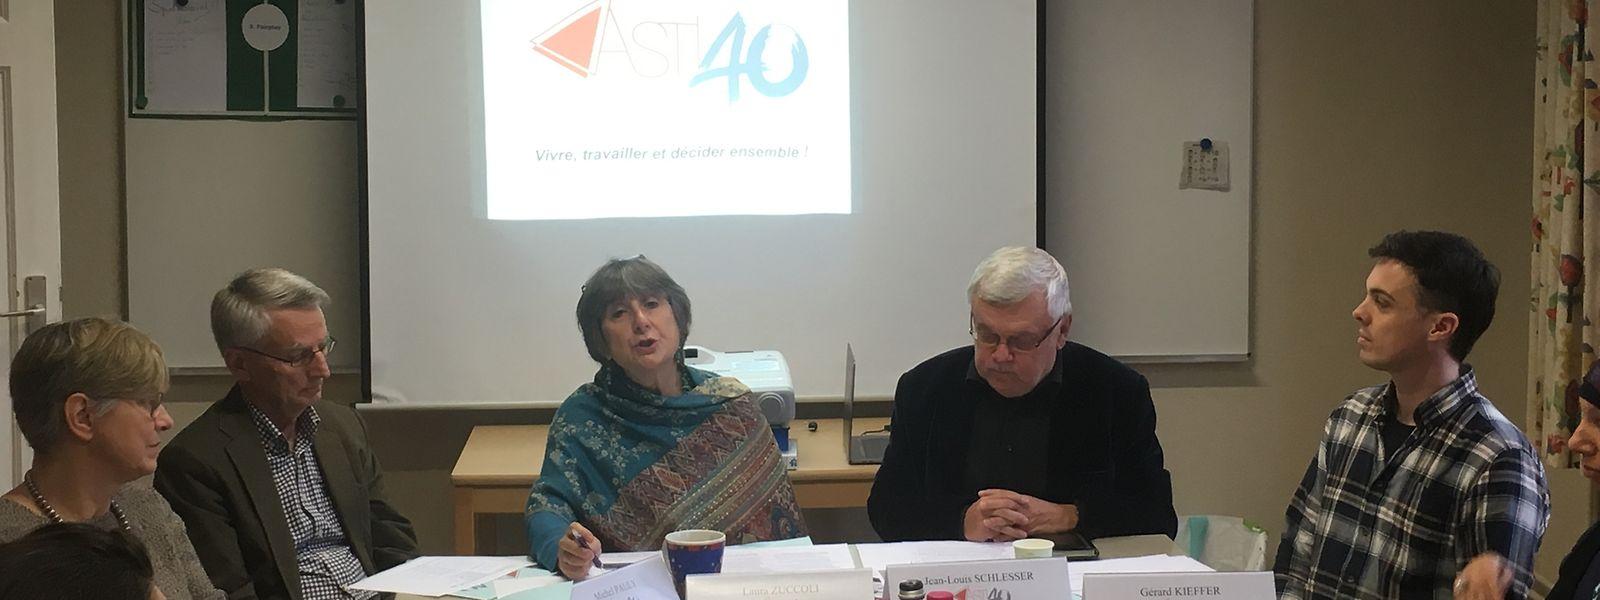 Face aux blocages politiques, l'Asti entend porter le fer sur le terrain culturel, afin d'obtenir plus de droits pour les étrangers.